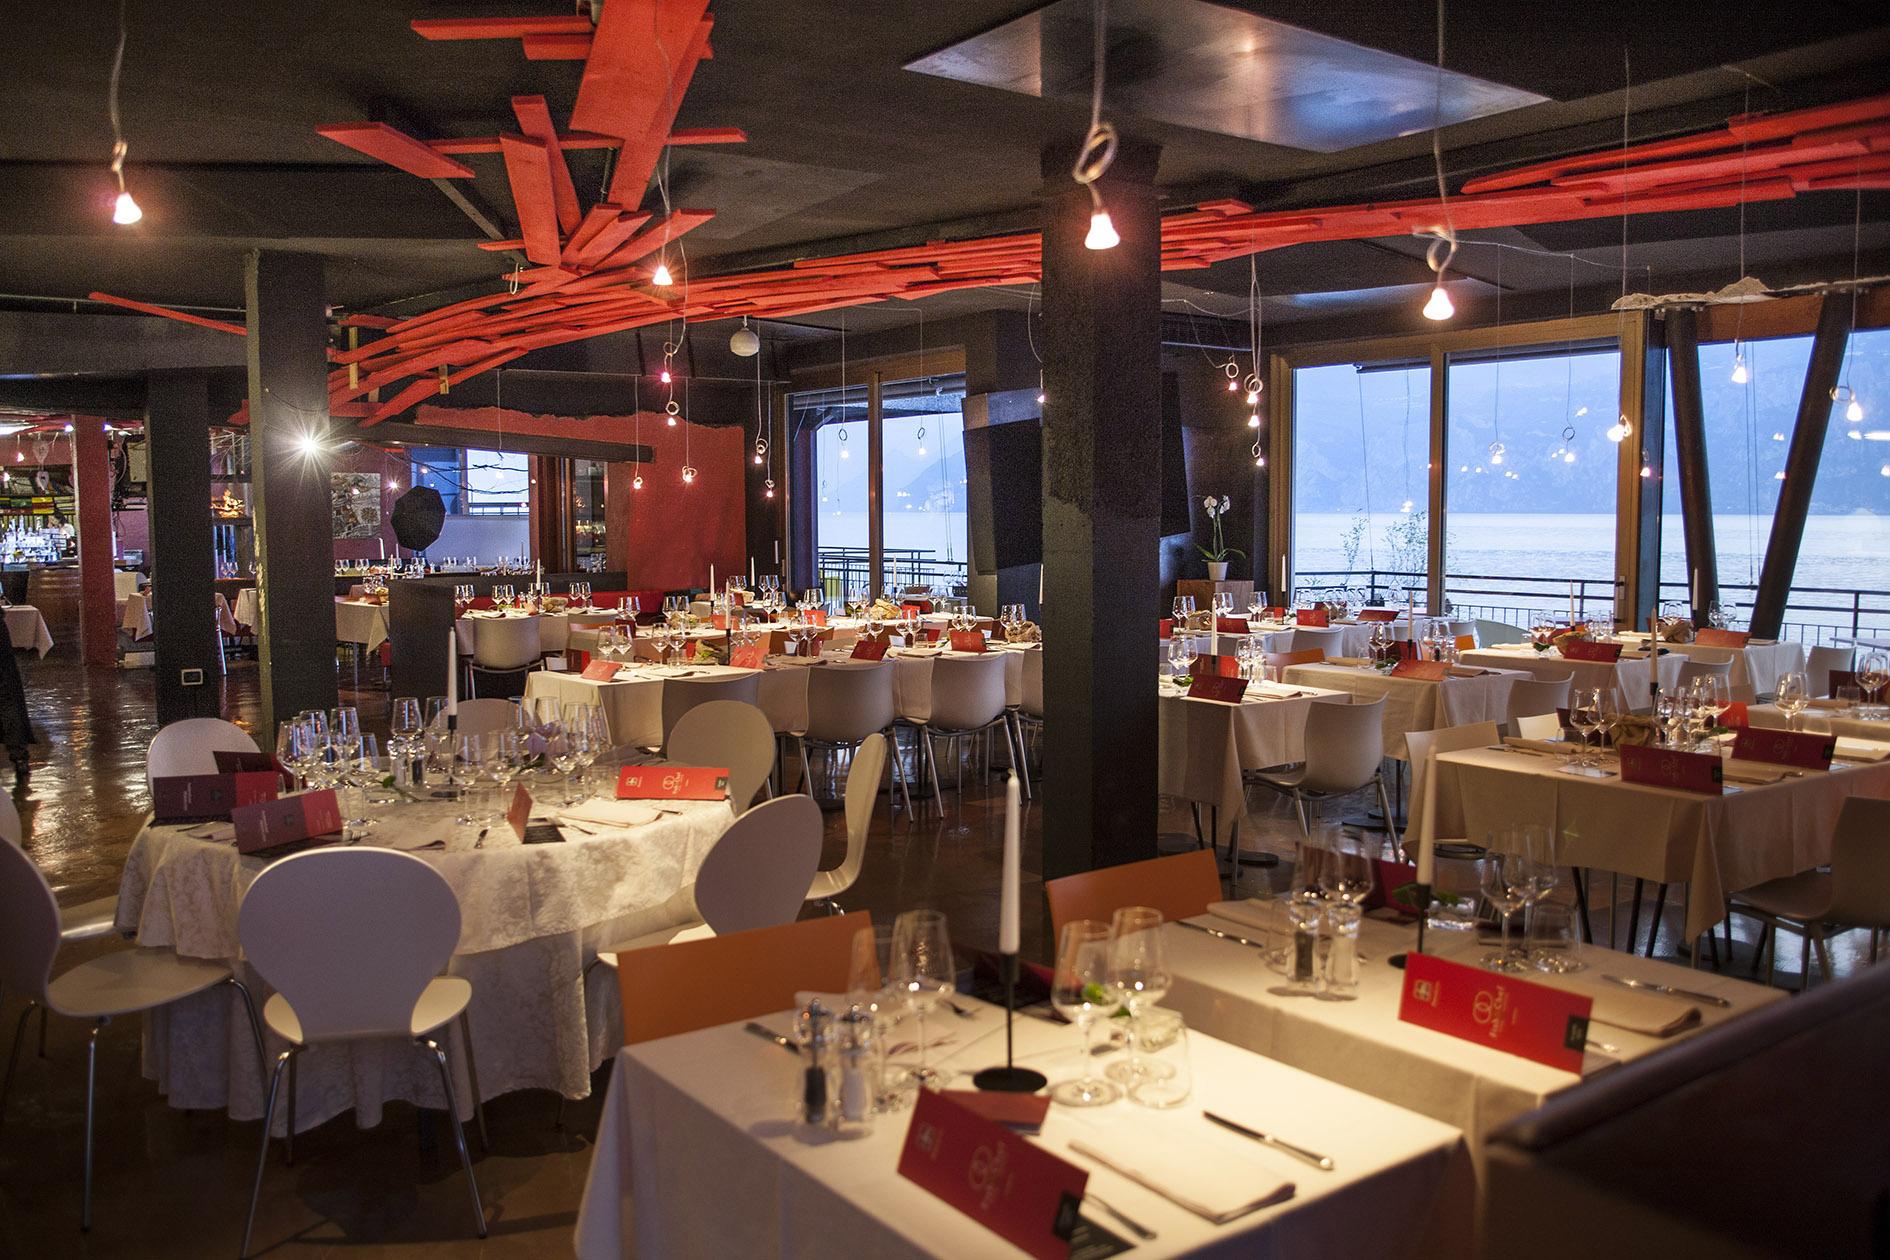 Nicola Zanett E Matteo Metullio - Fish & chef- 2013 - Ambient Hotel Primaluna - Malcesine